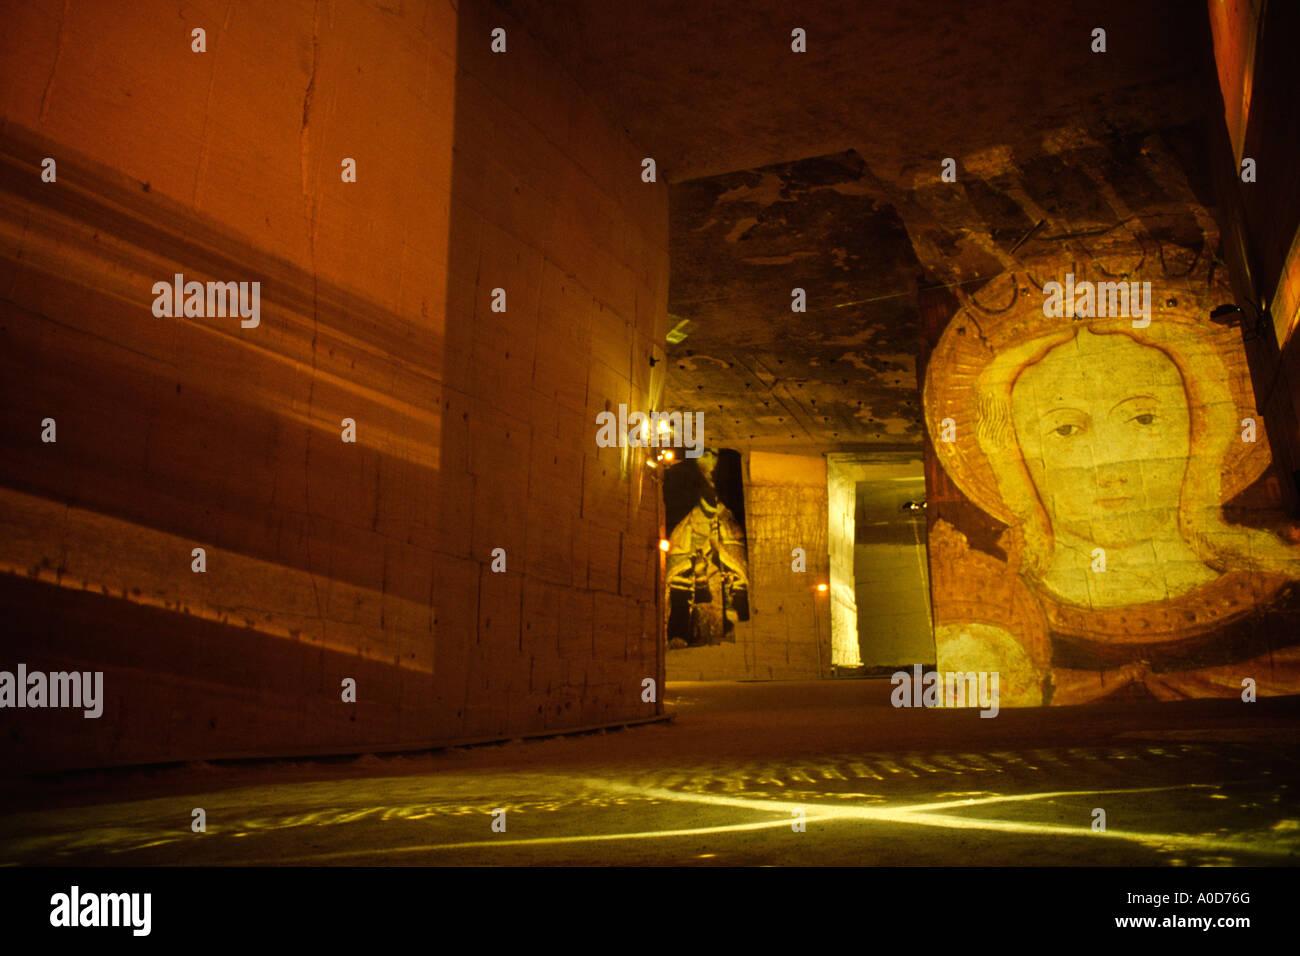 France Les Baux de Provence Cathedrale des images Val d enfer les diapositives sont projetées sur les murs de l'ancienne carrière de bauxite Photo Stock